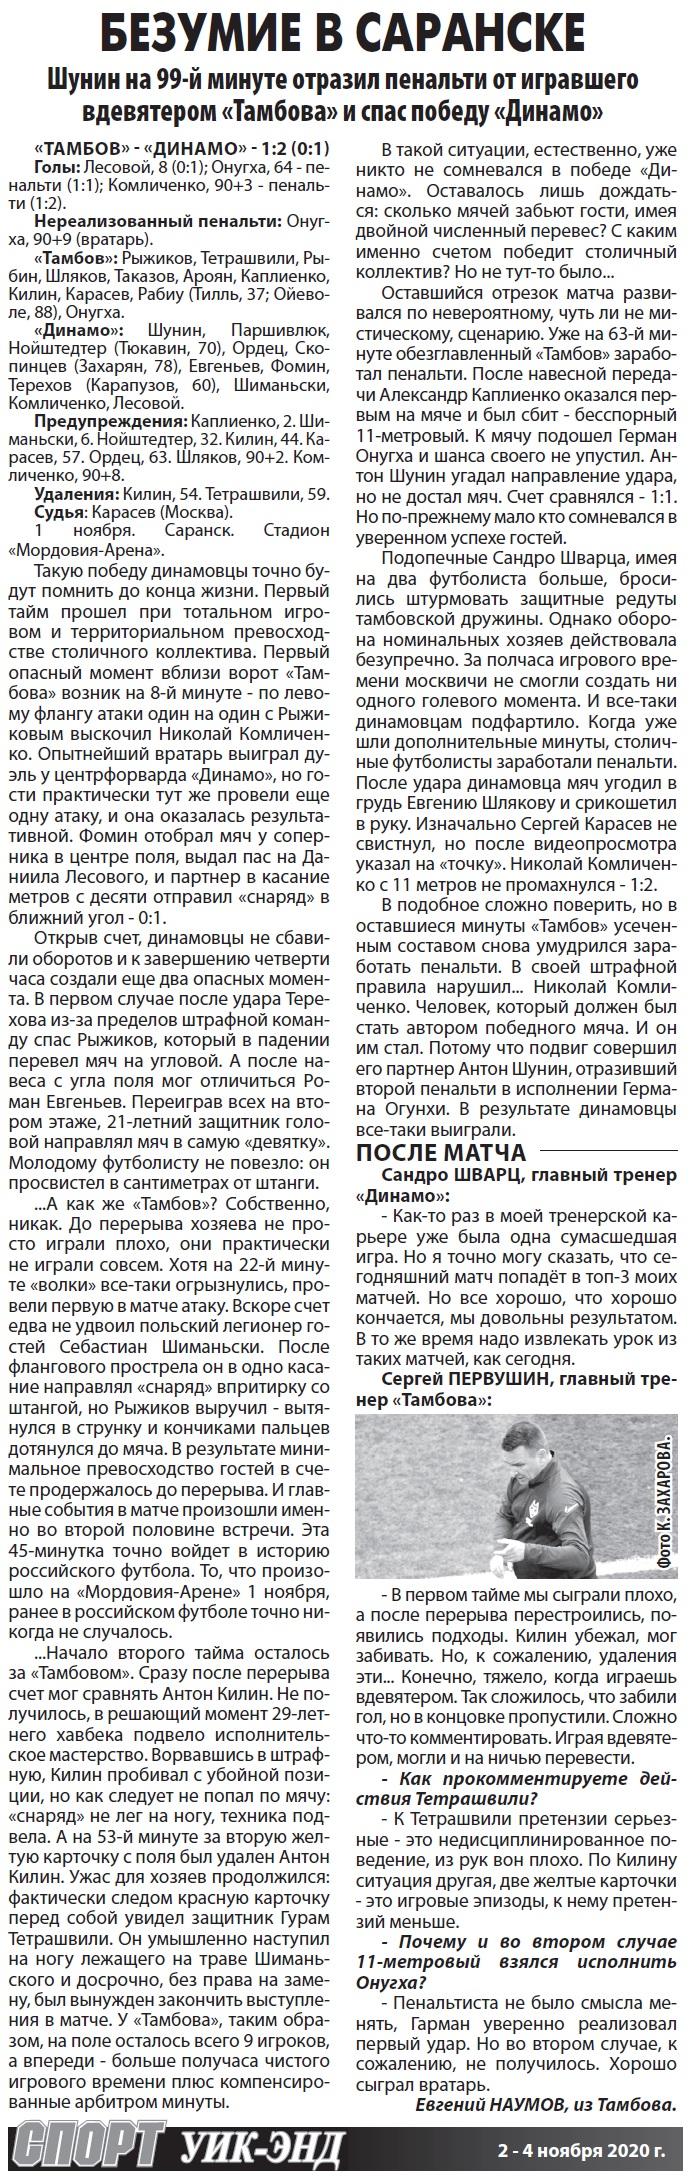 Тамбов (Тамбов) - Динамо (Москва) 1:2